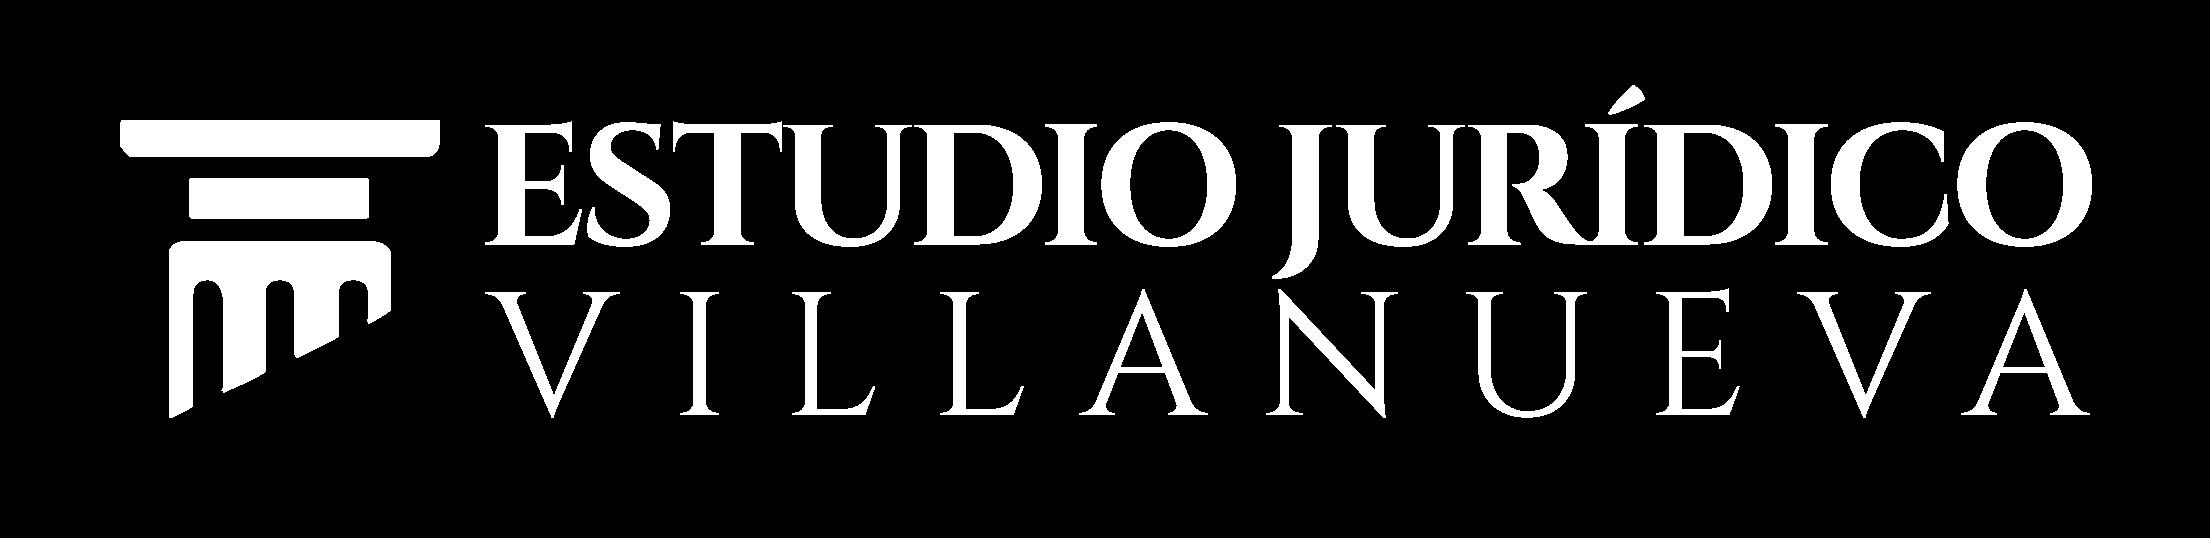 Estudio Juridico Villanueva